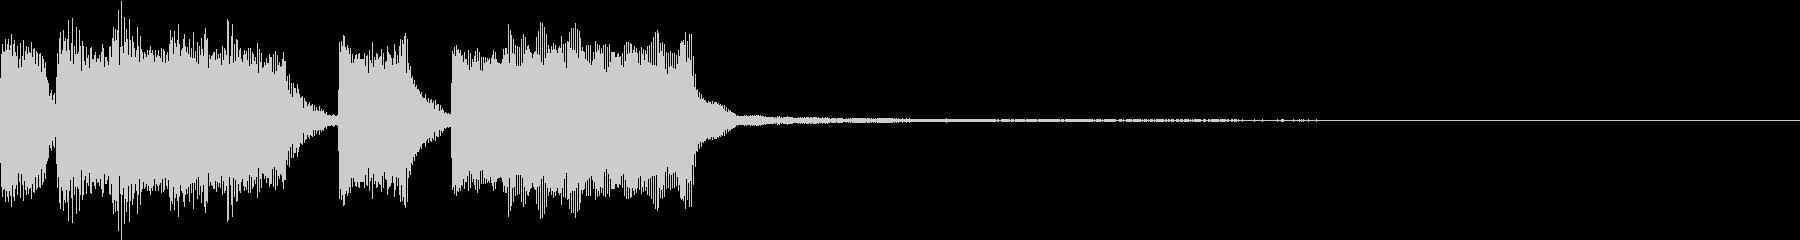 ファンファーレ ベル レベルアップ 5の未再生の波形